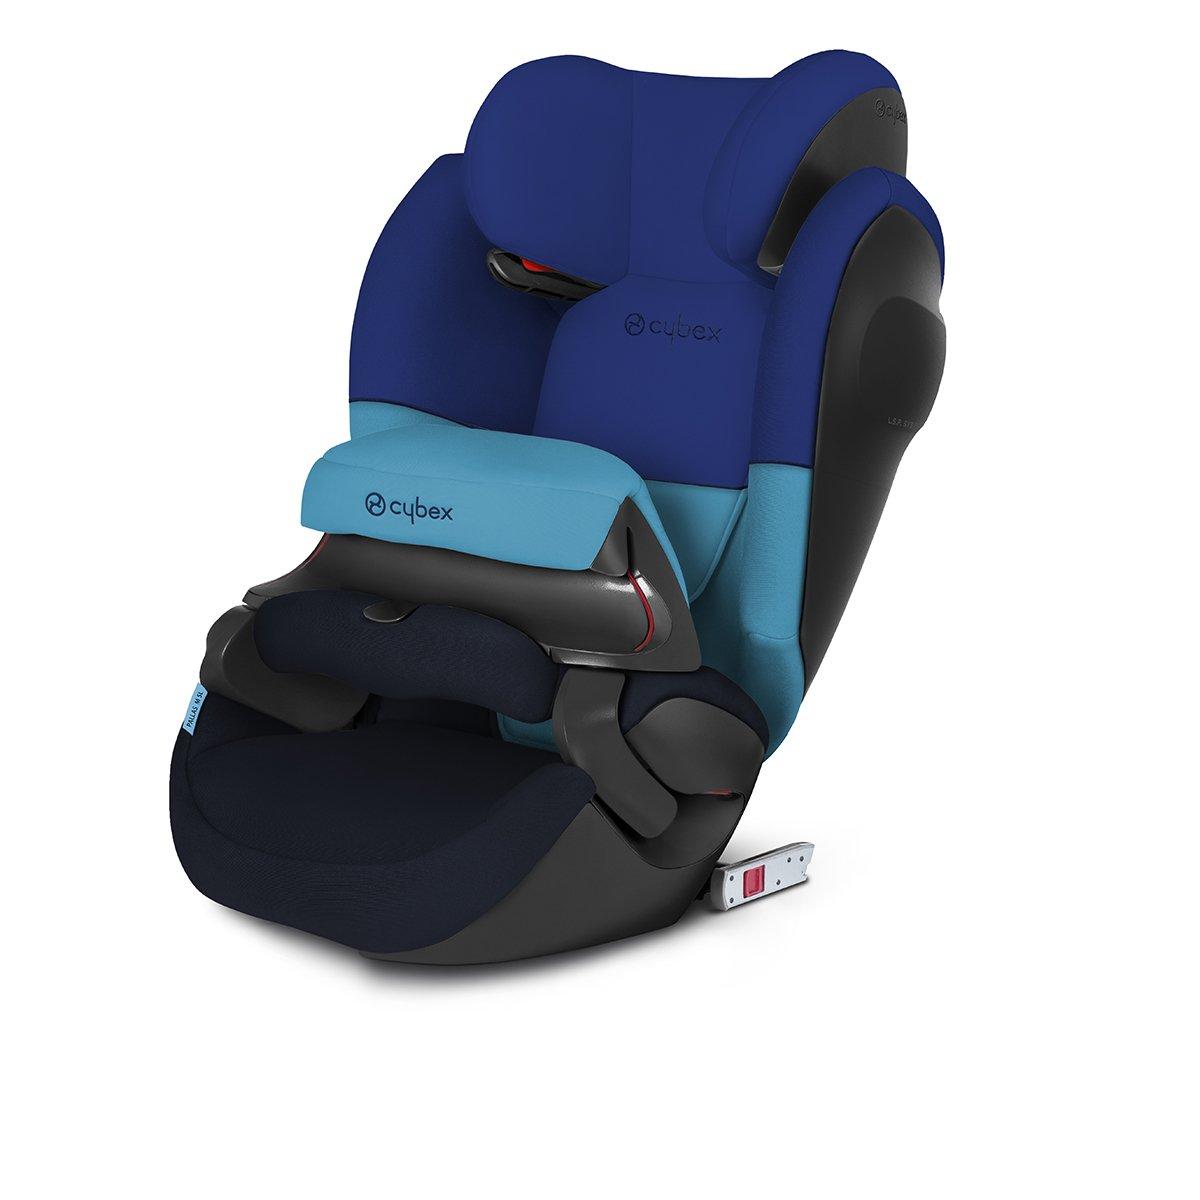 Lot 55 - CYBEX Silver Pallas M-Fix SL 2-in-1 Child's Car Seat RRP £229.99